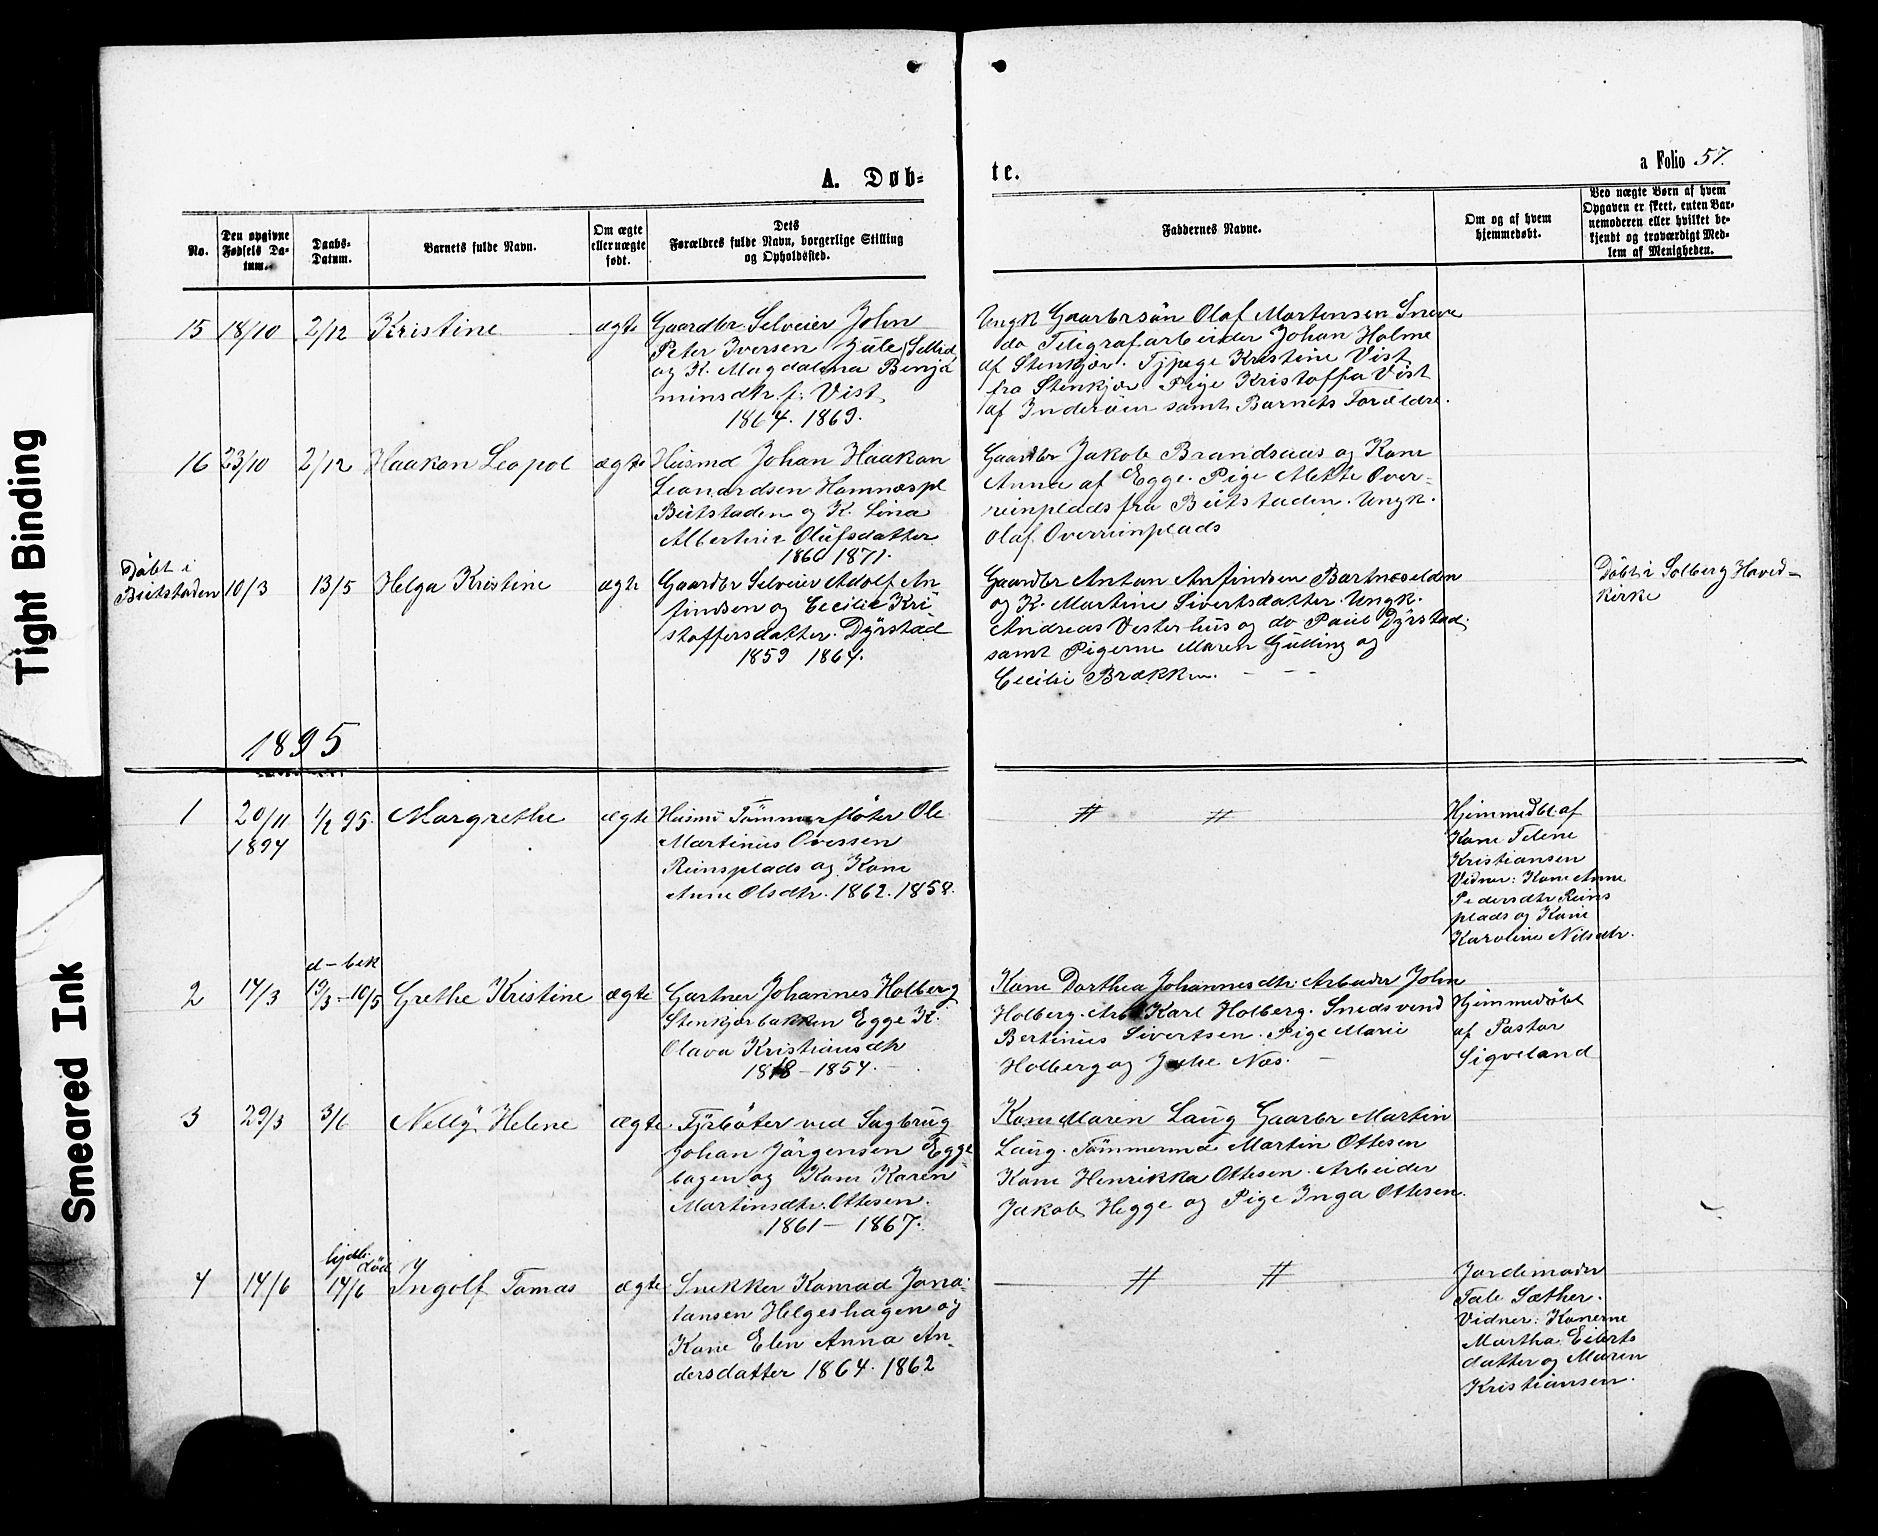 SAT, Ministerialprotokoller, klokkerbøker og fødselsregistre - Nord-Trøndelag, 740/L0380: Klokkerbok nr. 740C01, 1868-1902, s. 57